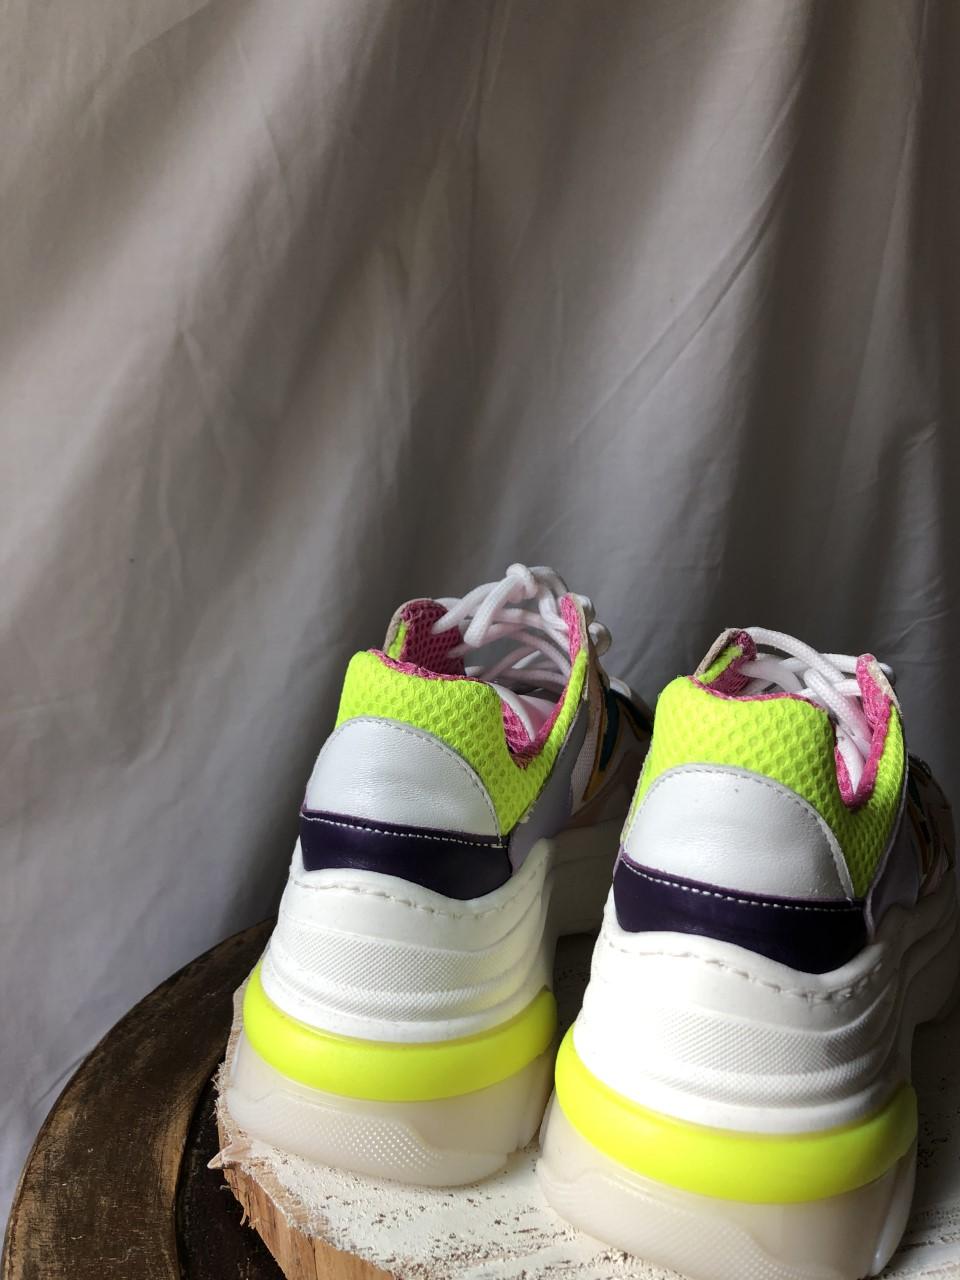 Sneakers particolare - dietro